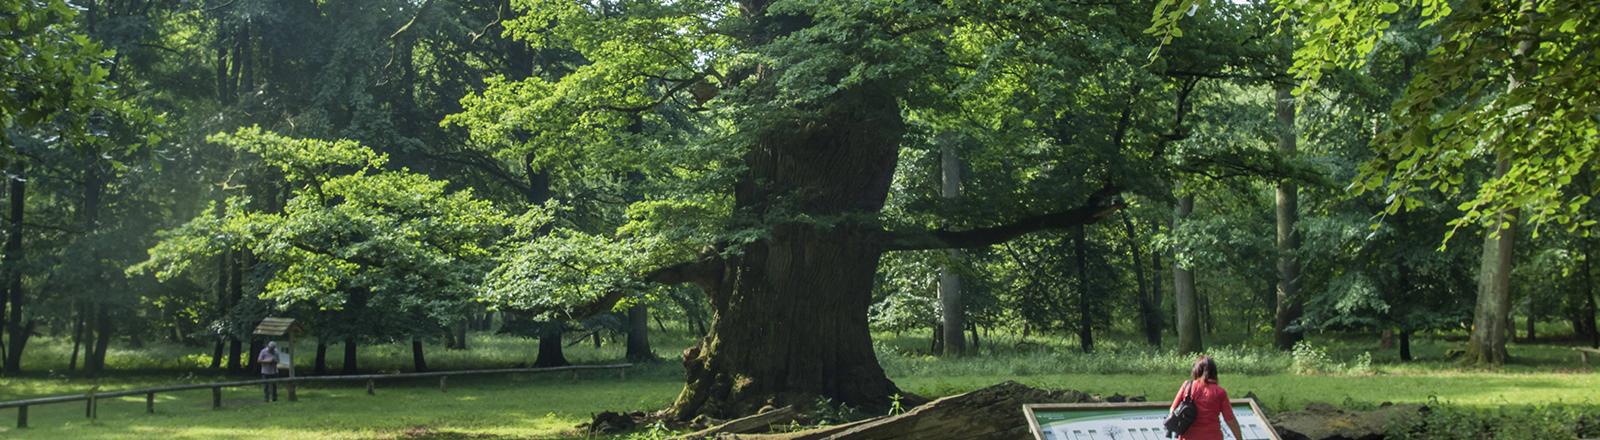 Rund 1000 Jahre alte Stieleiche (Quercus robur), Deutschland, Mecklenburg-Vorpommern, Ivenacker Eichen